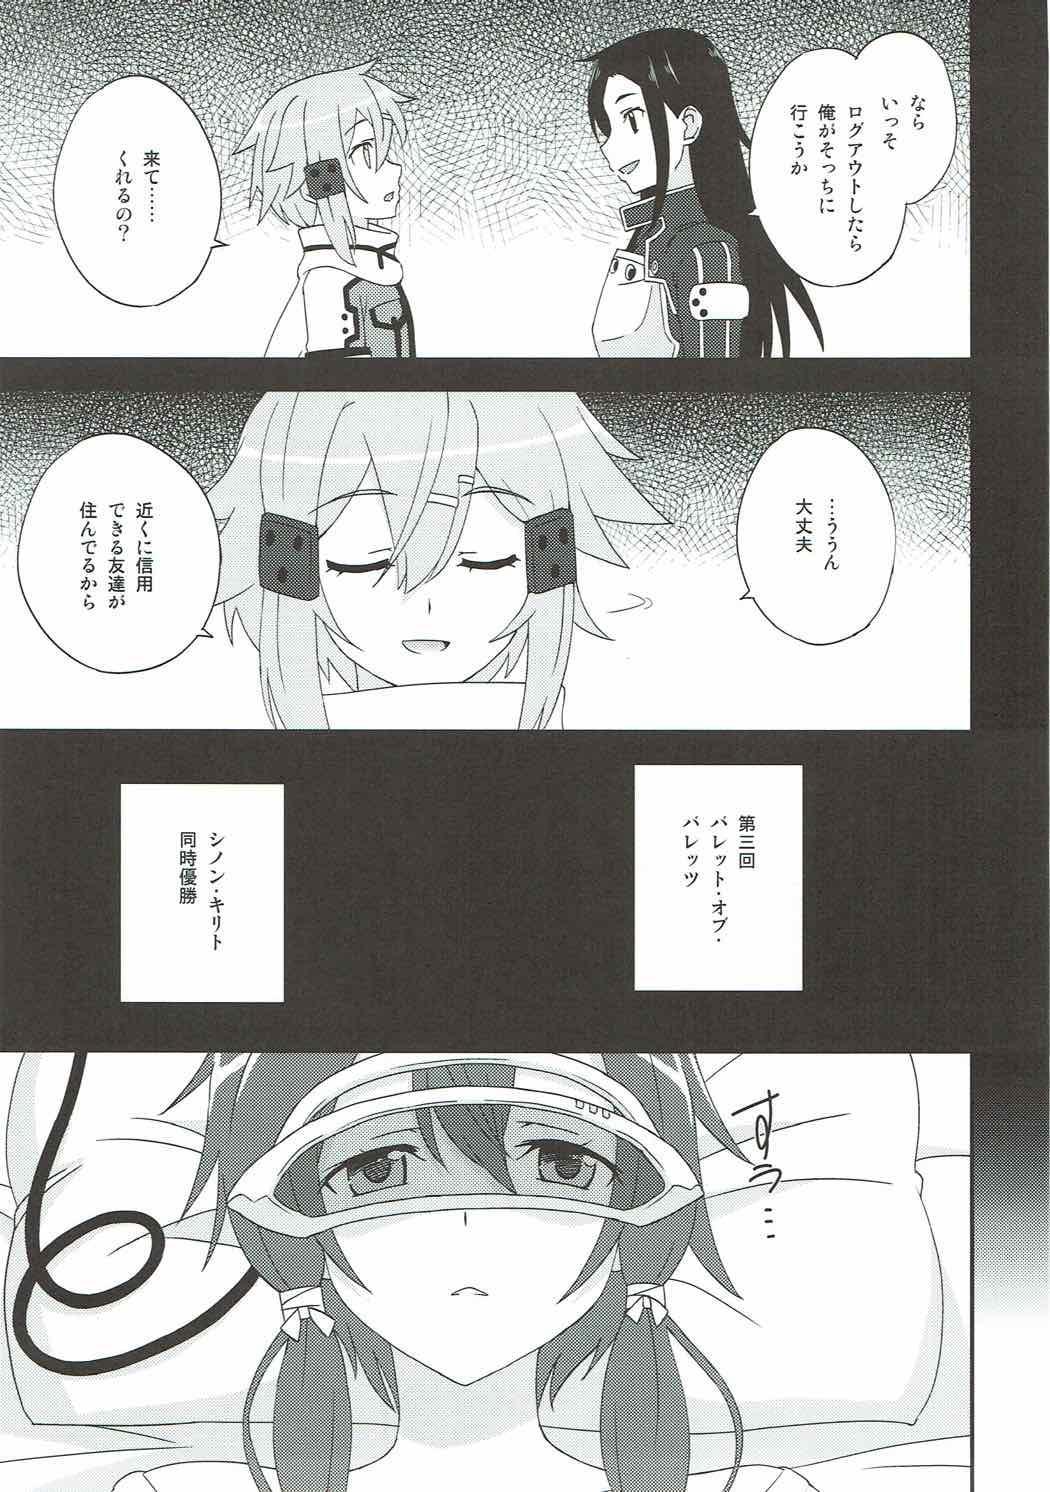 Yowasa no Shoumei 3